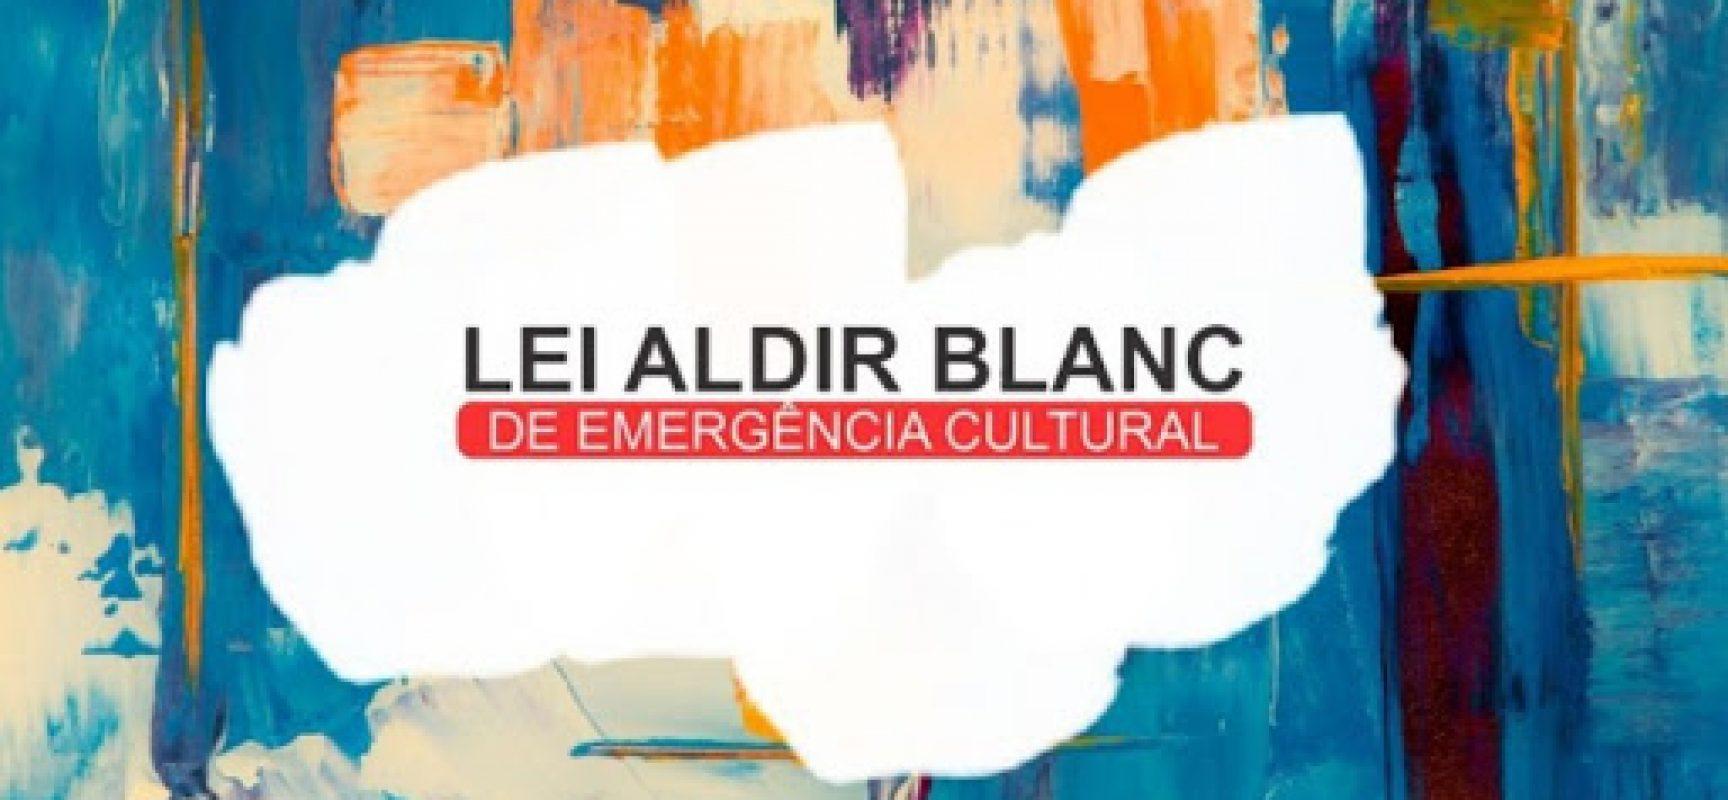 #LeiAldirBlacn – Mostra Elas – Ações Formativas realiza série de lives de formação audiovisual para mulheres